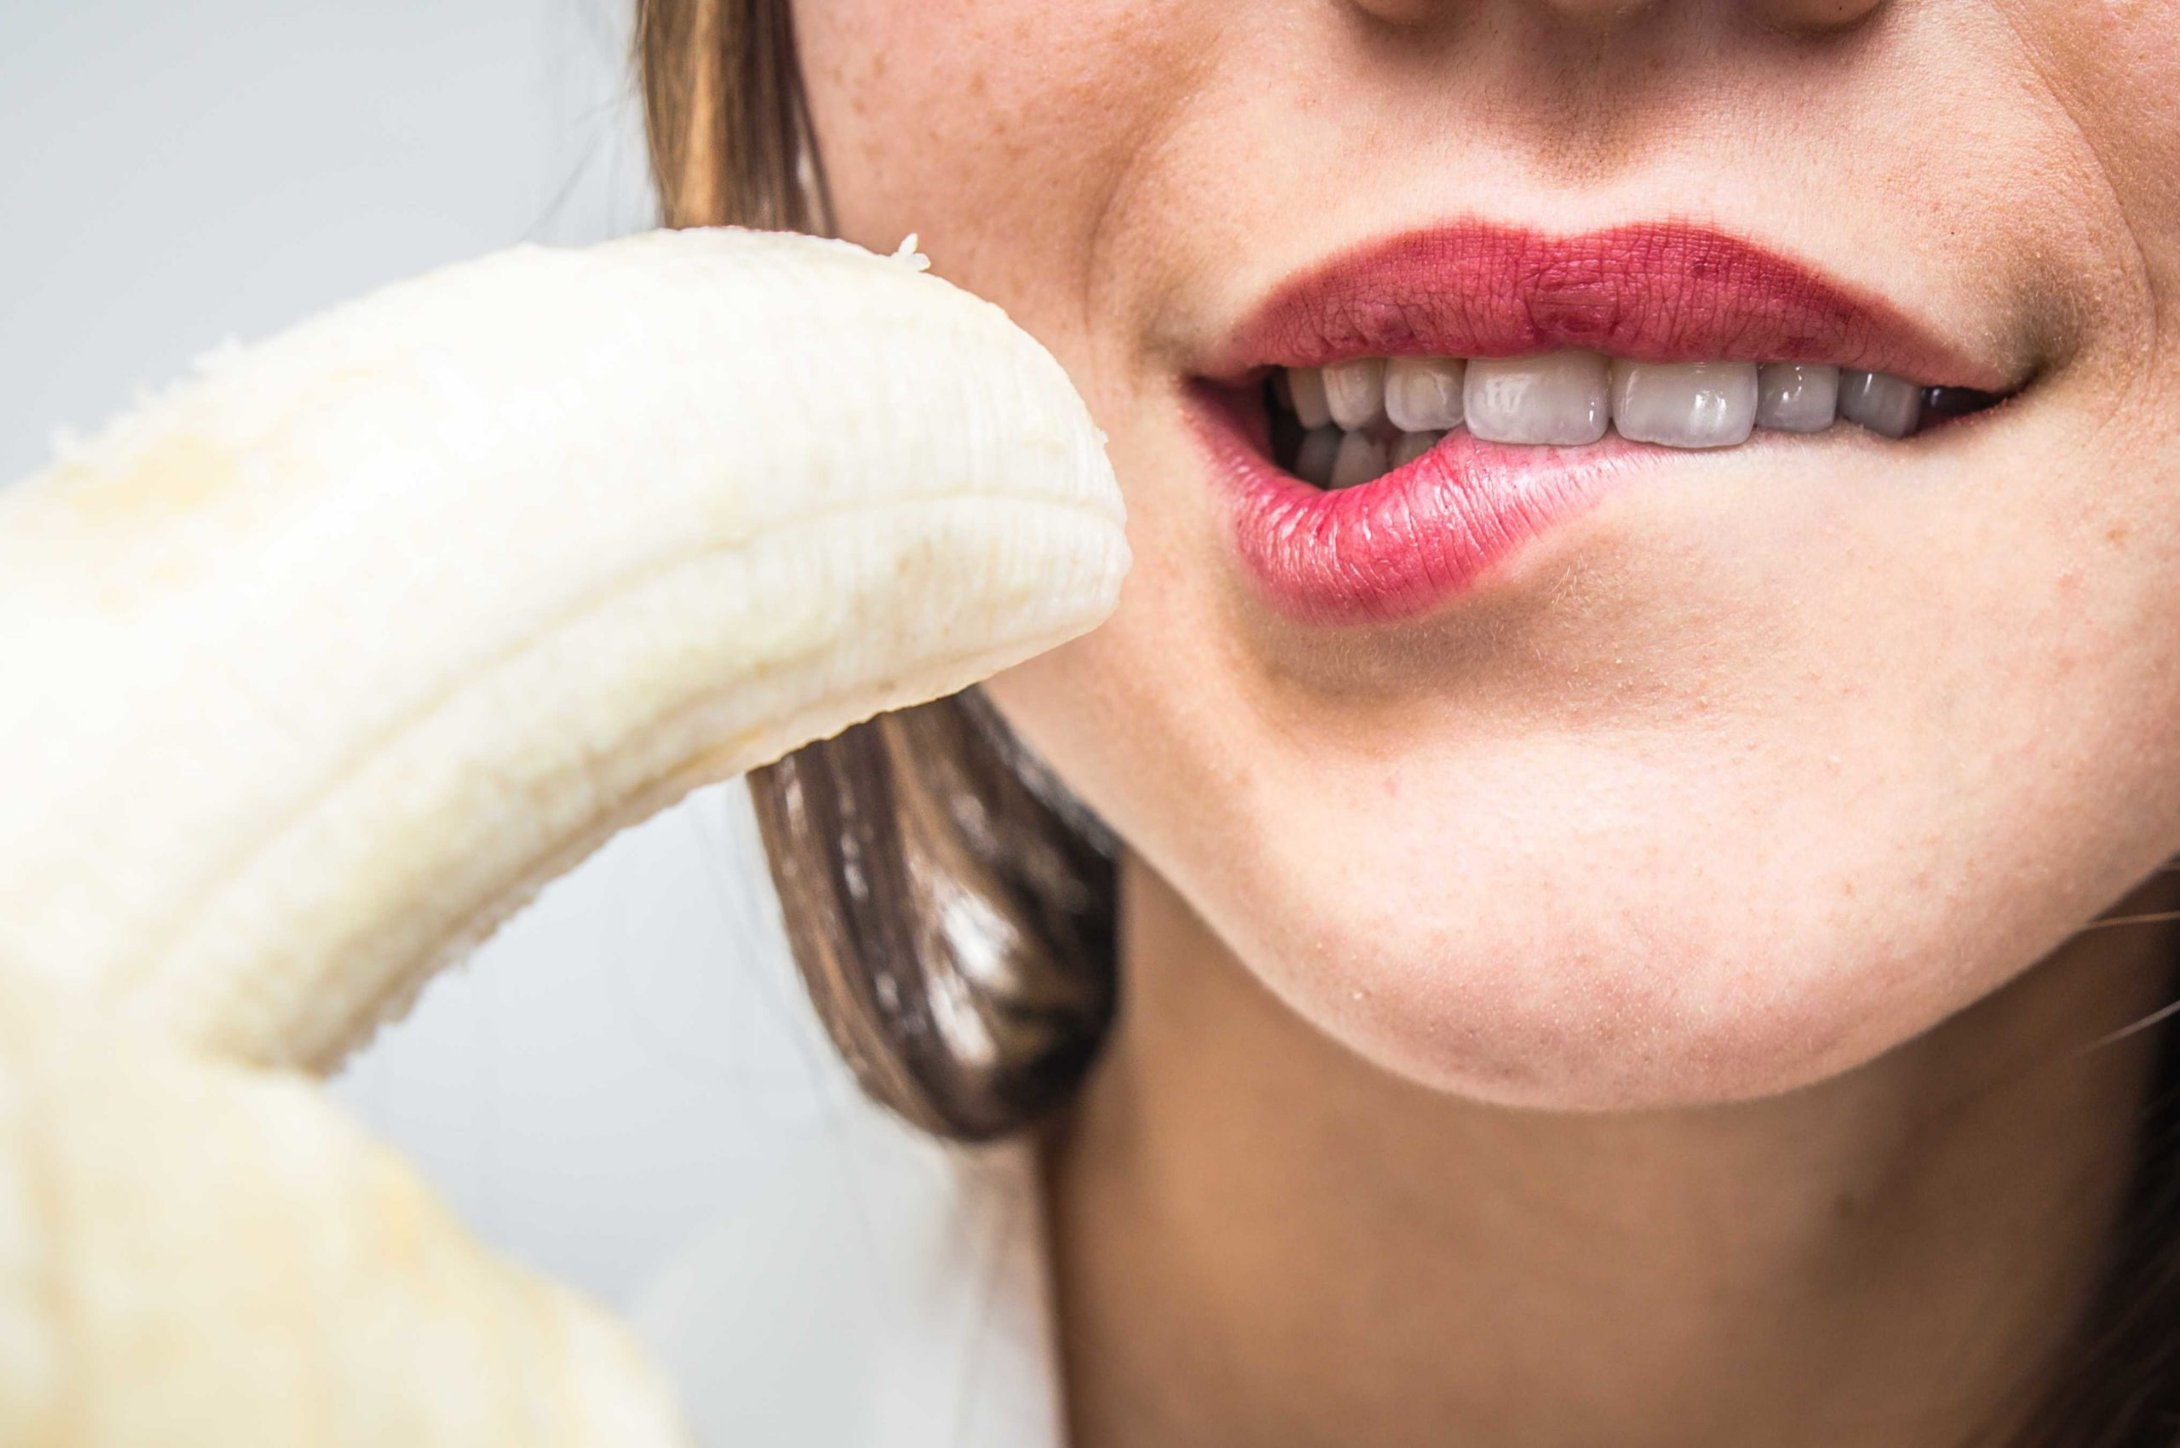 banana do lado da boca de uma mulher